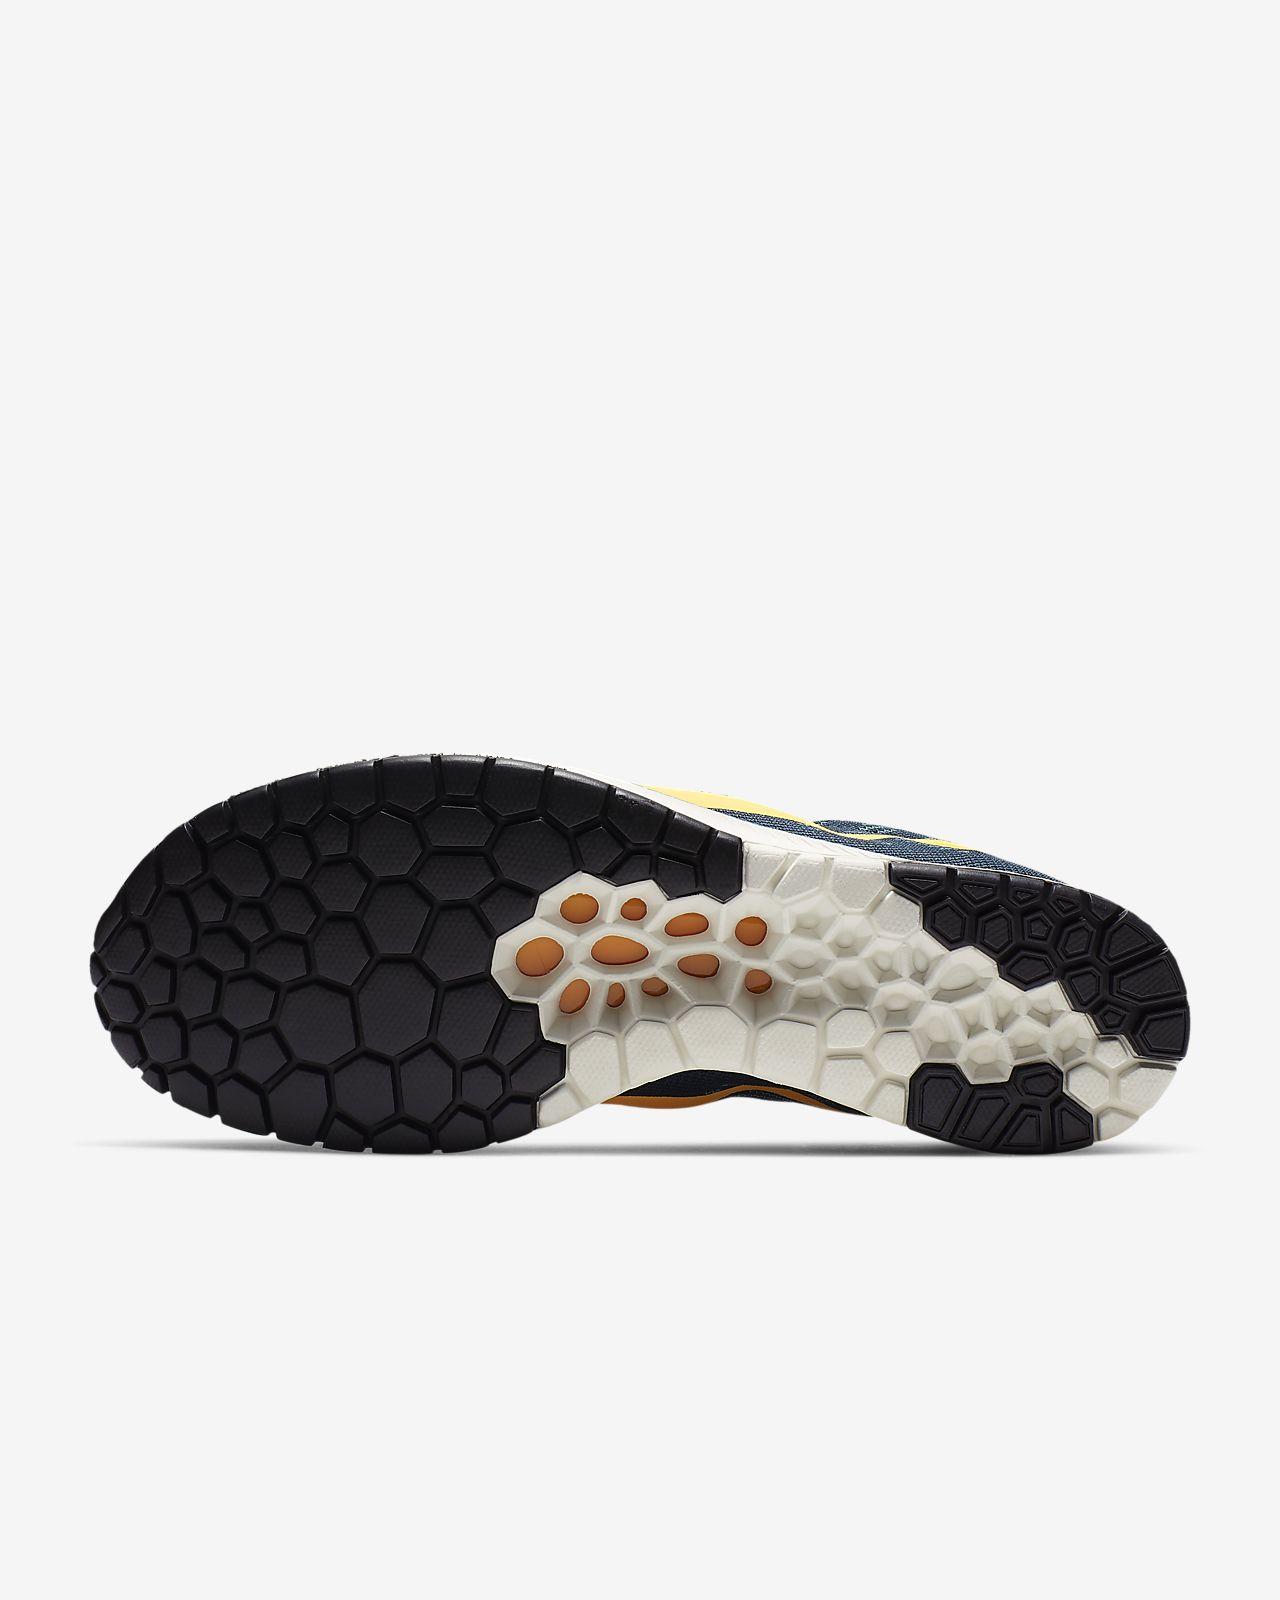 online retailer d3a2a c5b02 ... Nike Air Zoom Streak 7 Running Shoe